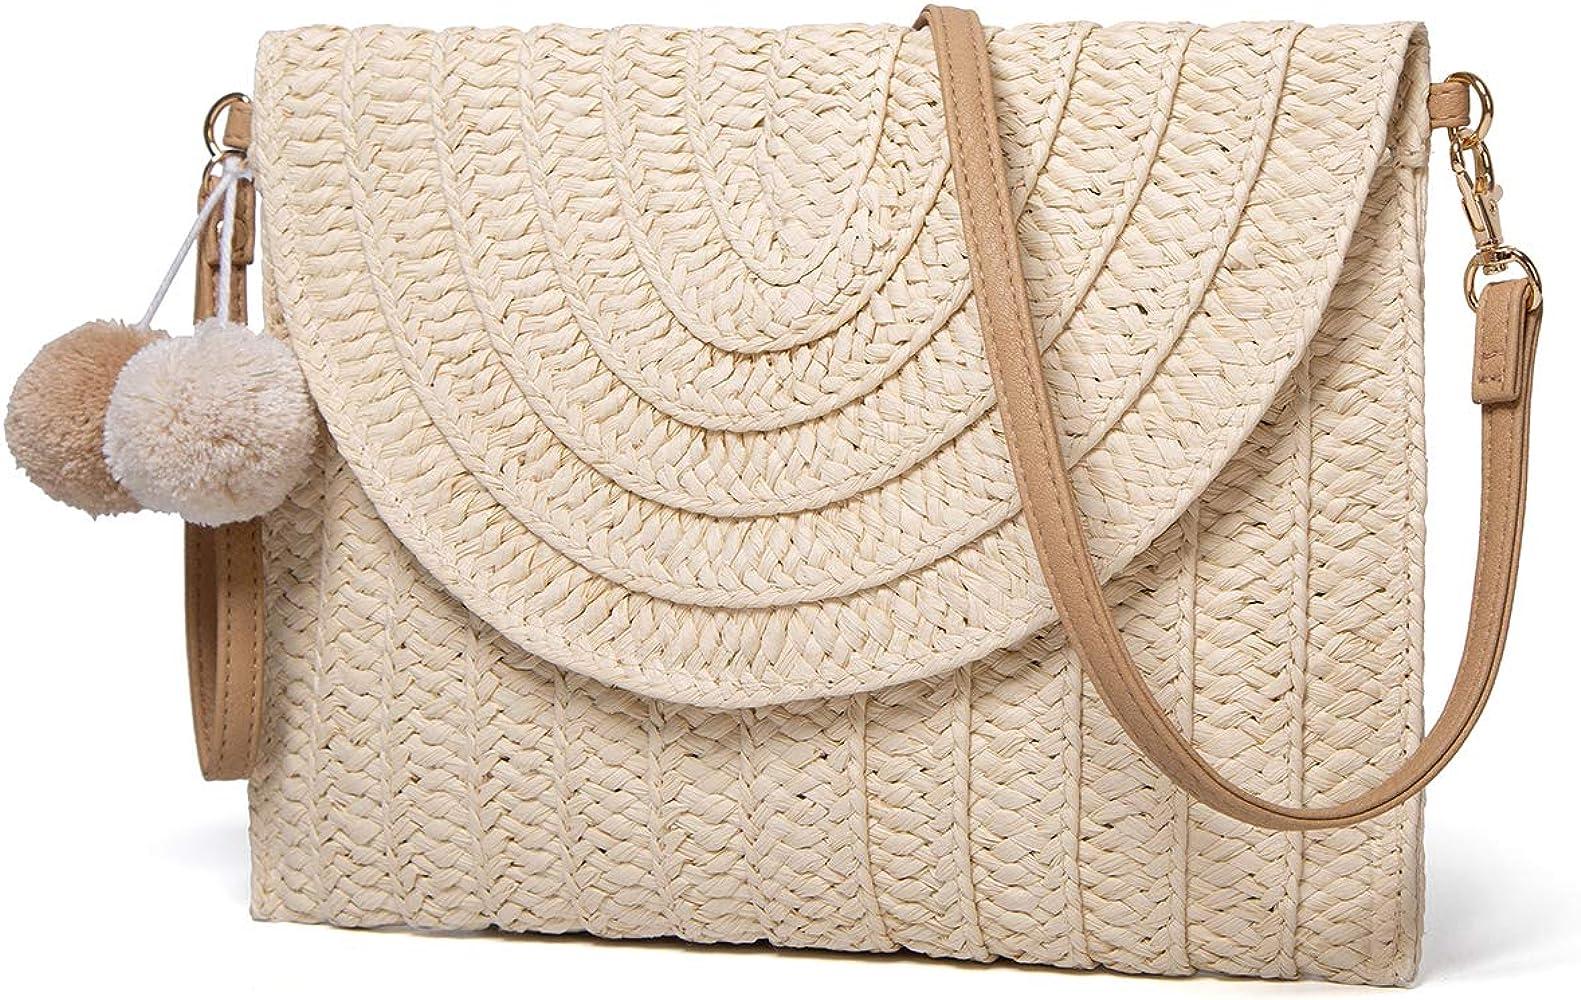 Summer clutchbag,handbags,purse,clutch